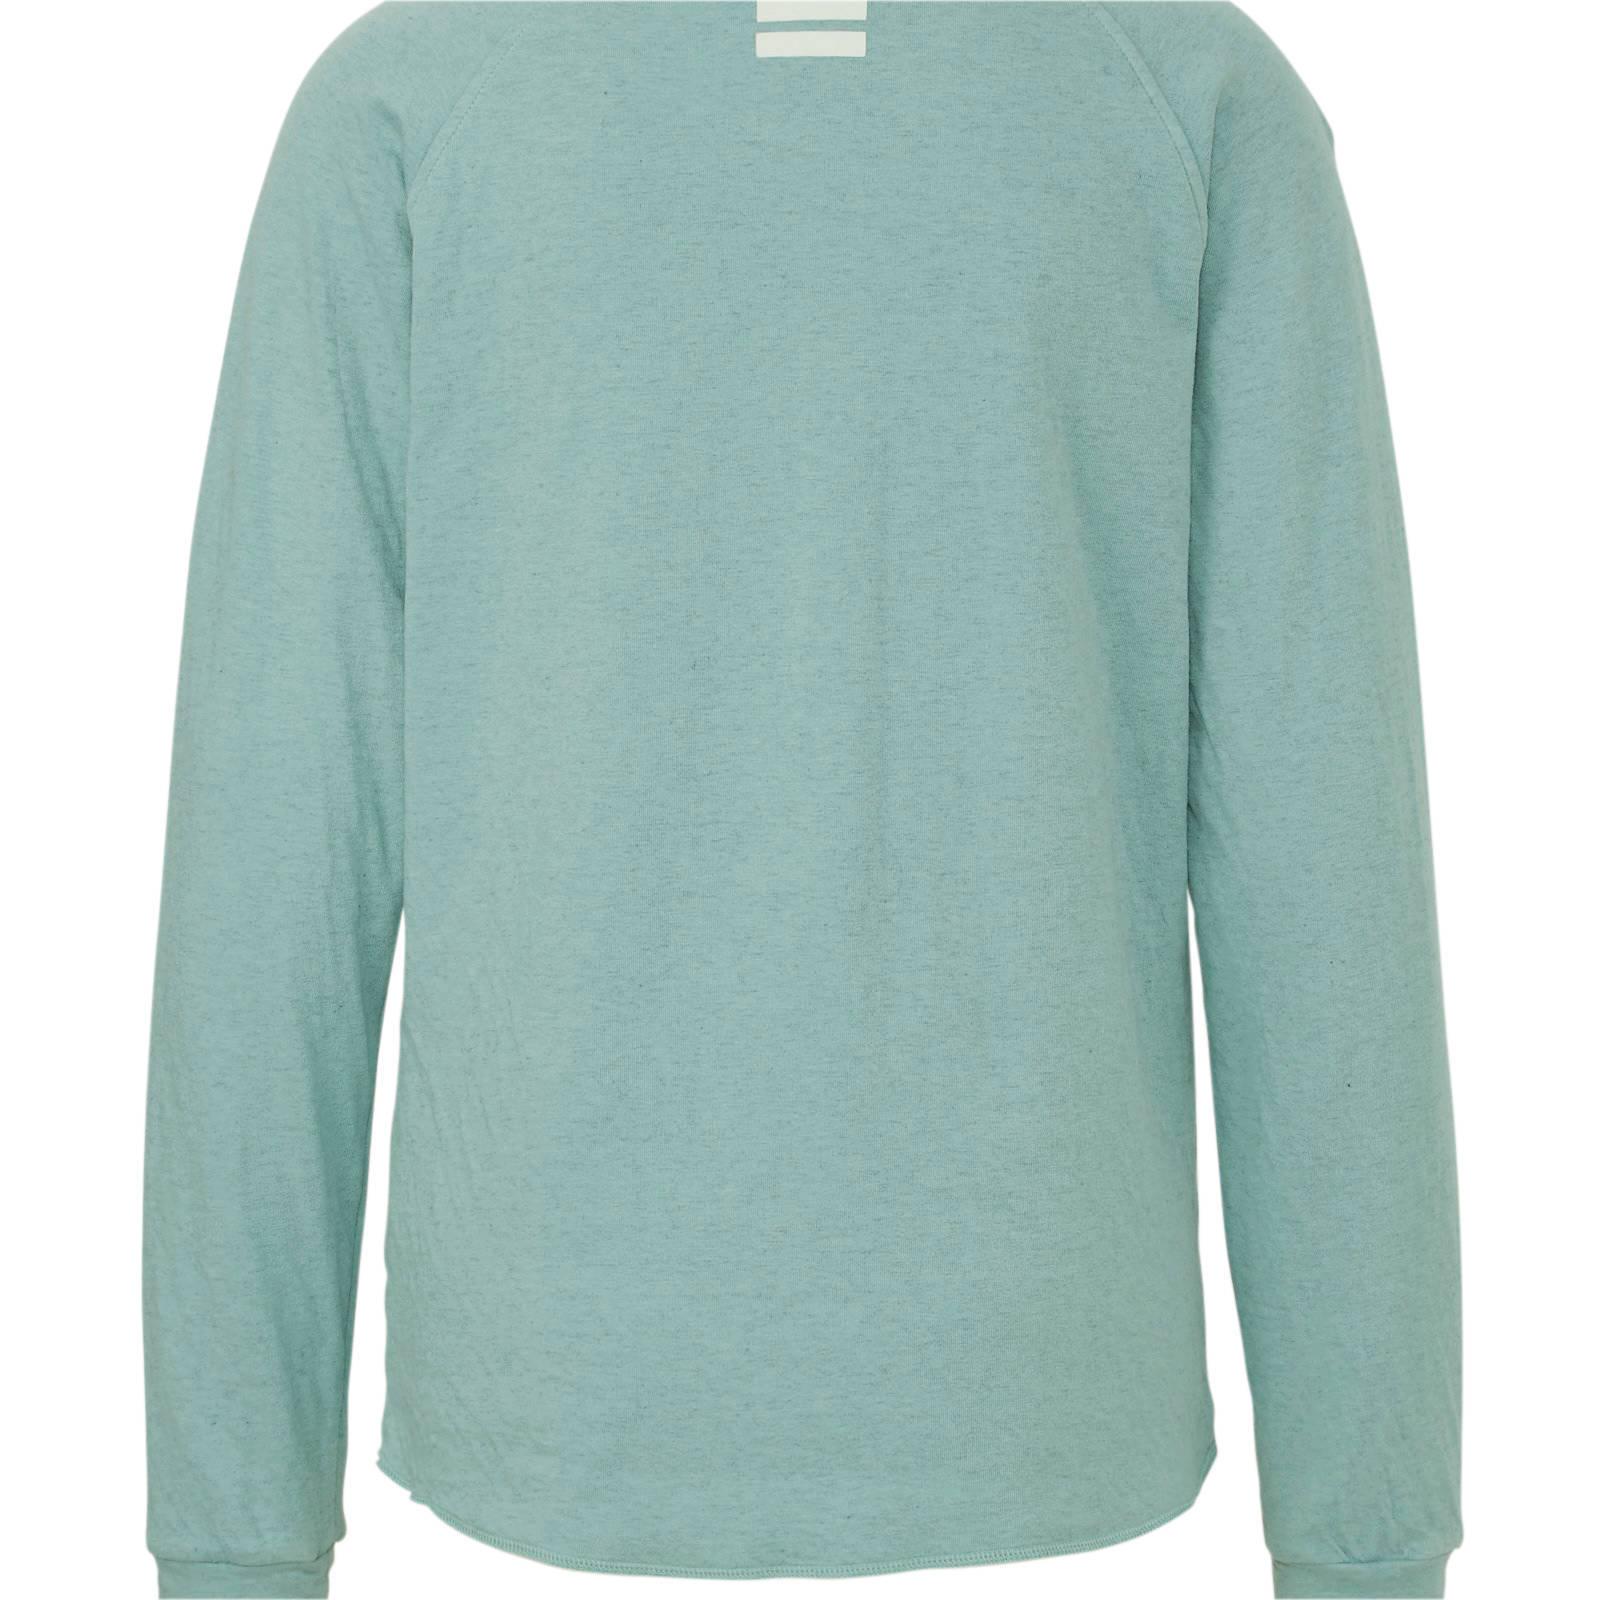 10DAYS sweater met logo lichtblauw